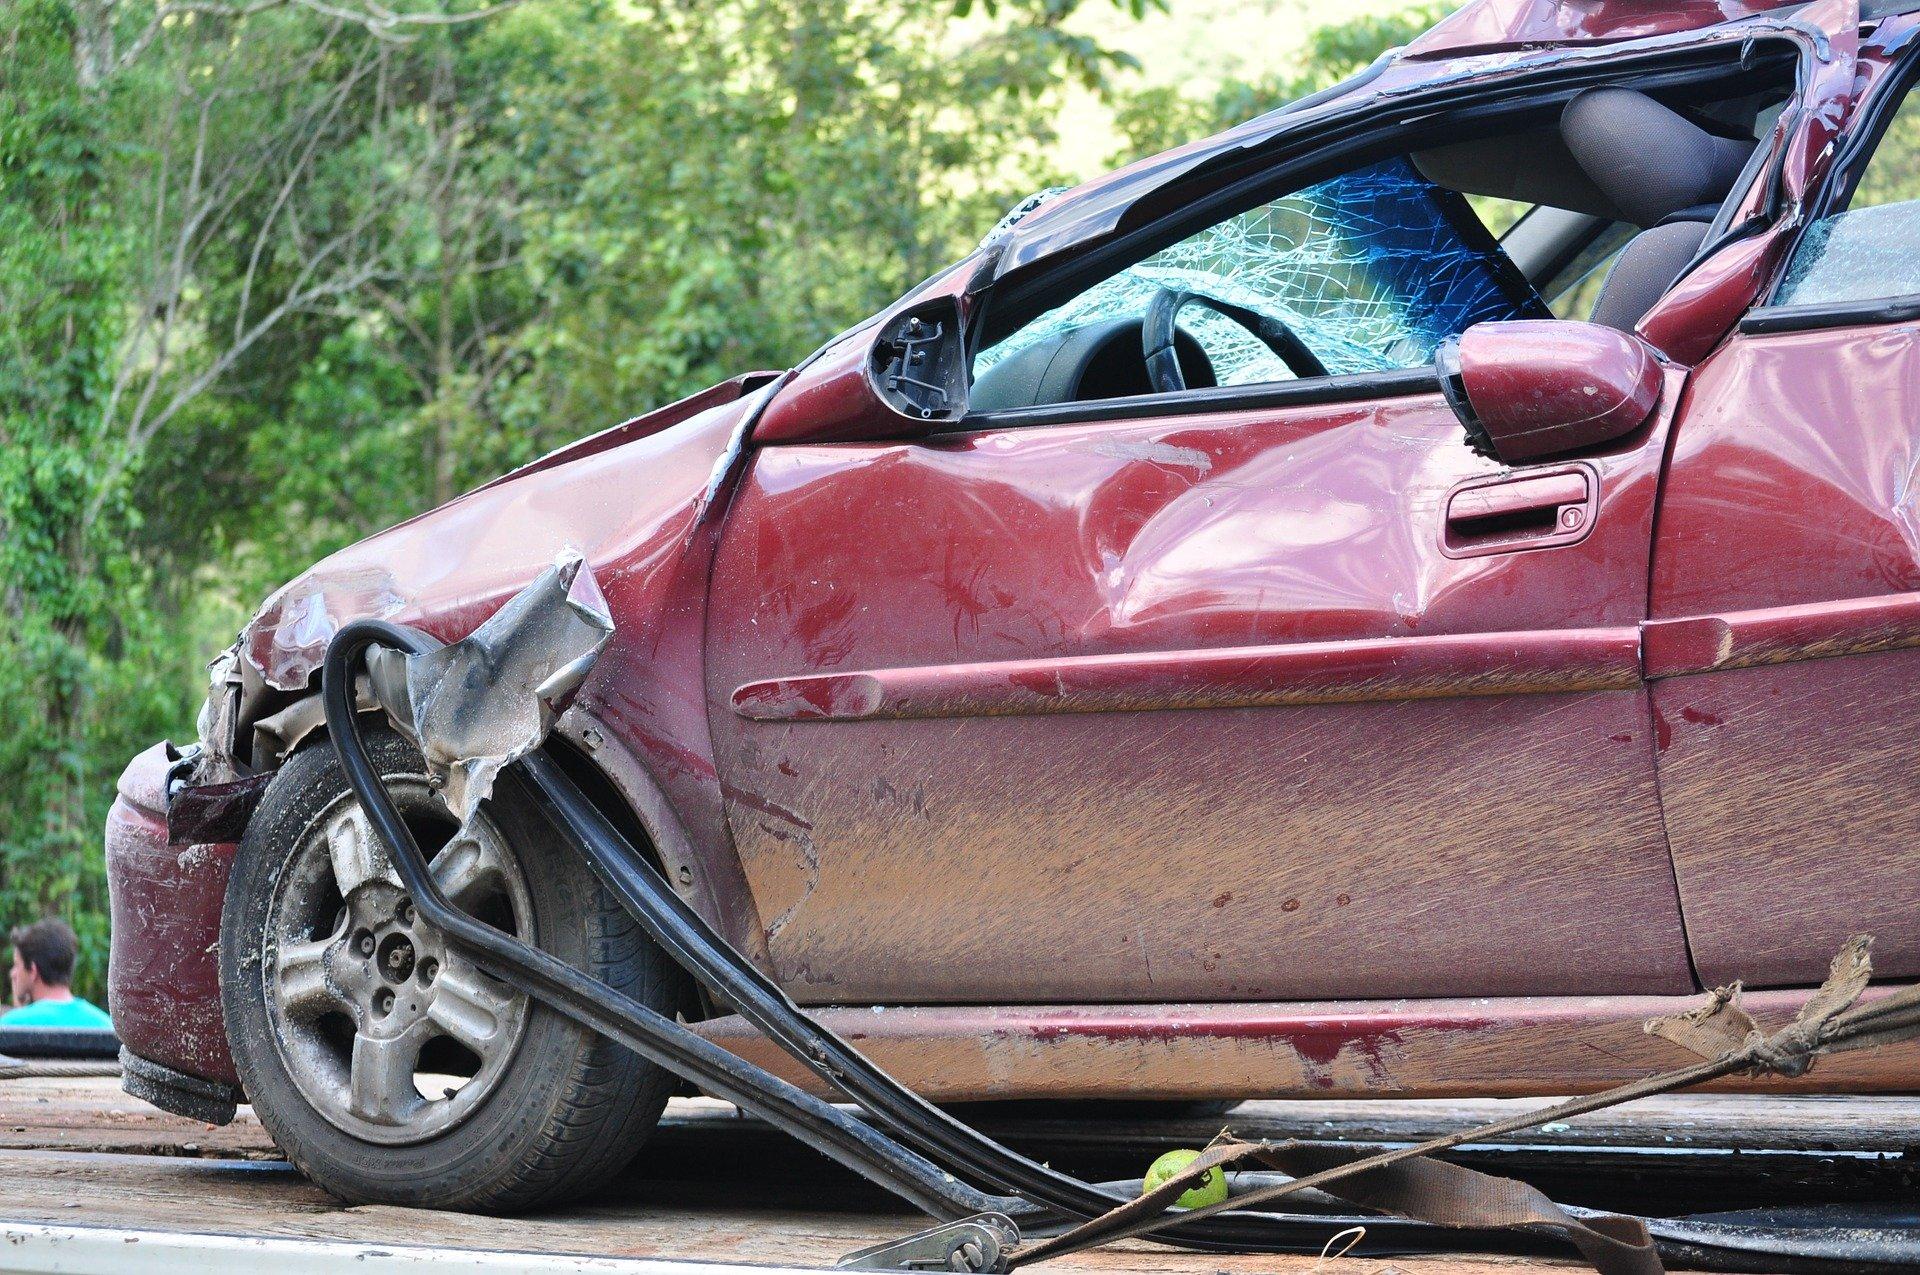 Est ce que mon assurance peut m'imposer un réparateur en cas d'accident